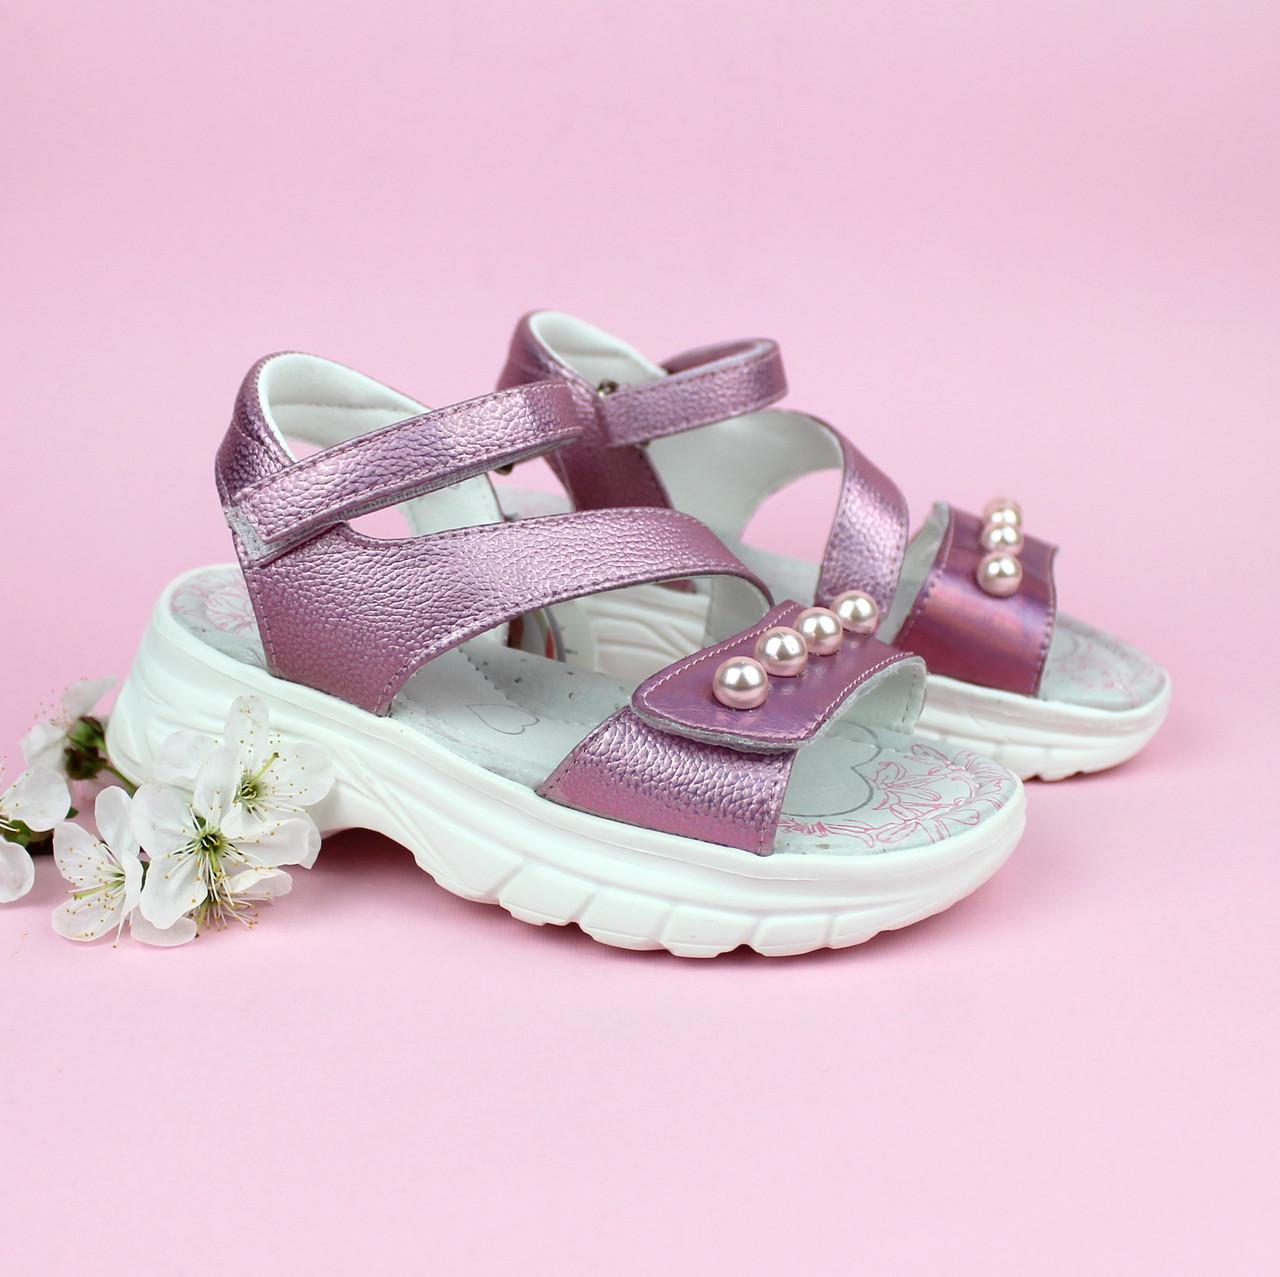 Розовые босоножки сандали для девочки TOMM размеры 30,32